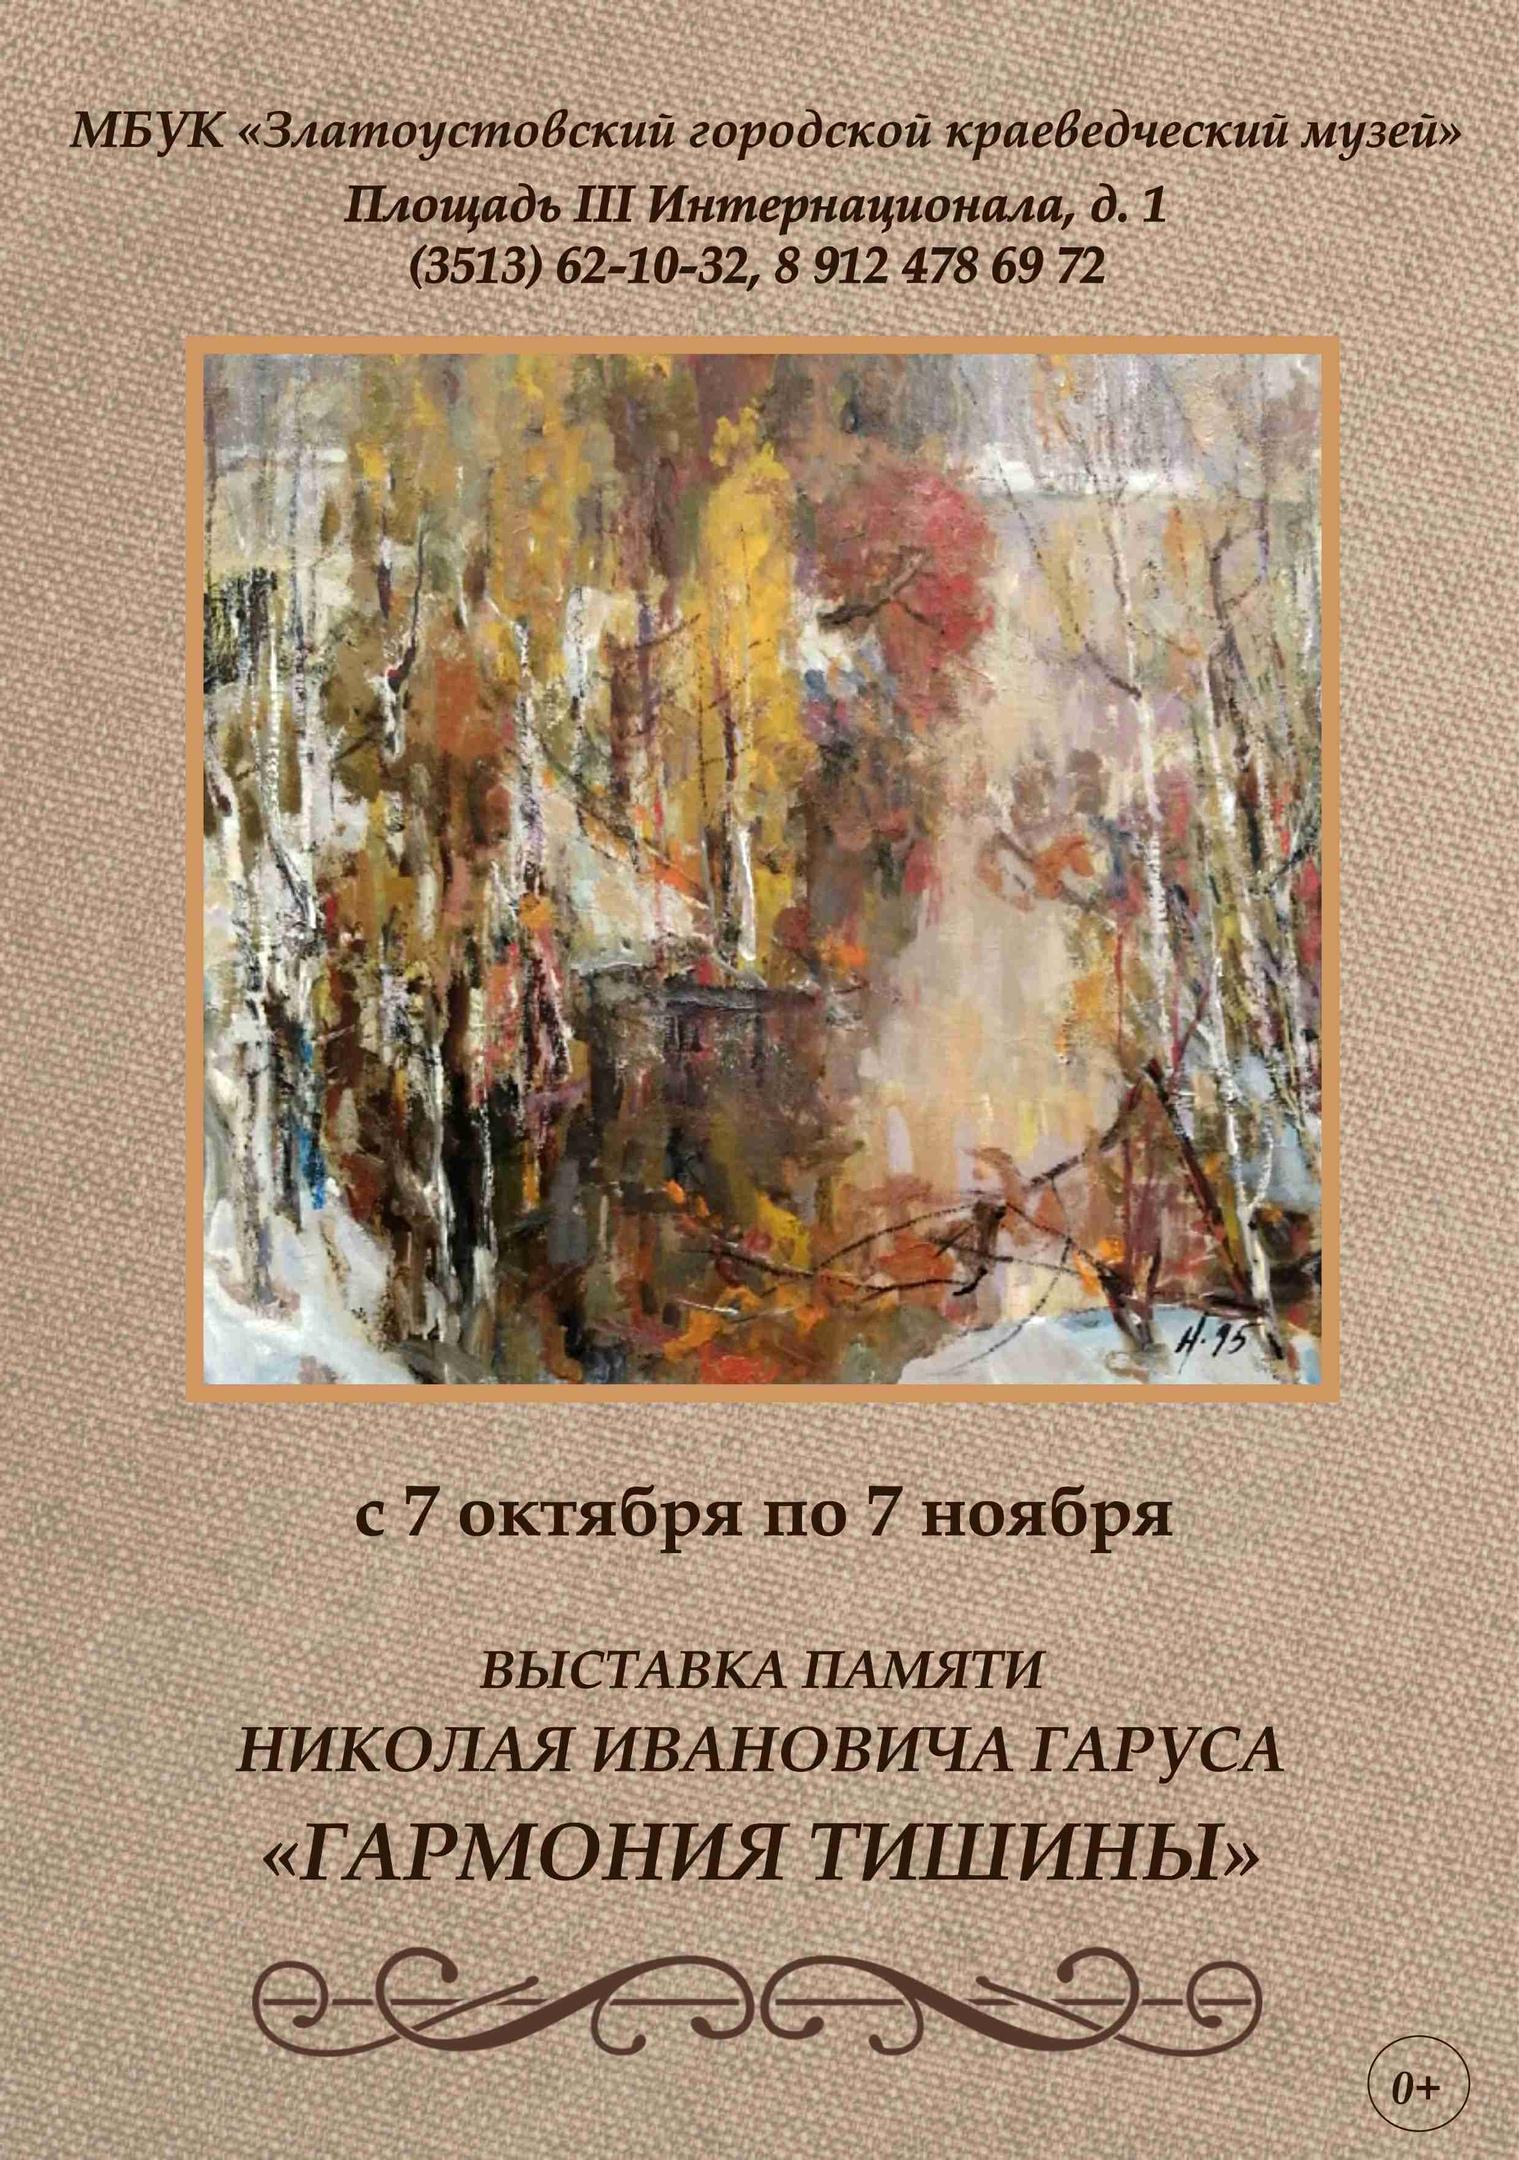 """Выставка памяти Н. И. Гаруса """"Гармония тишины""""."""